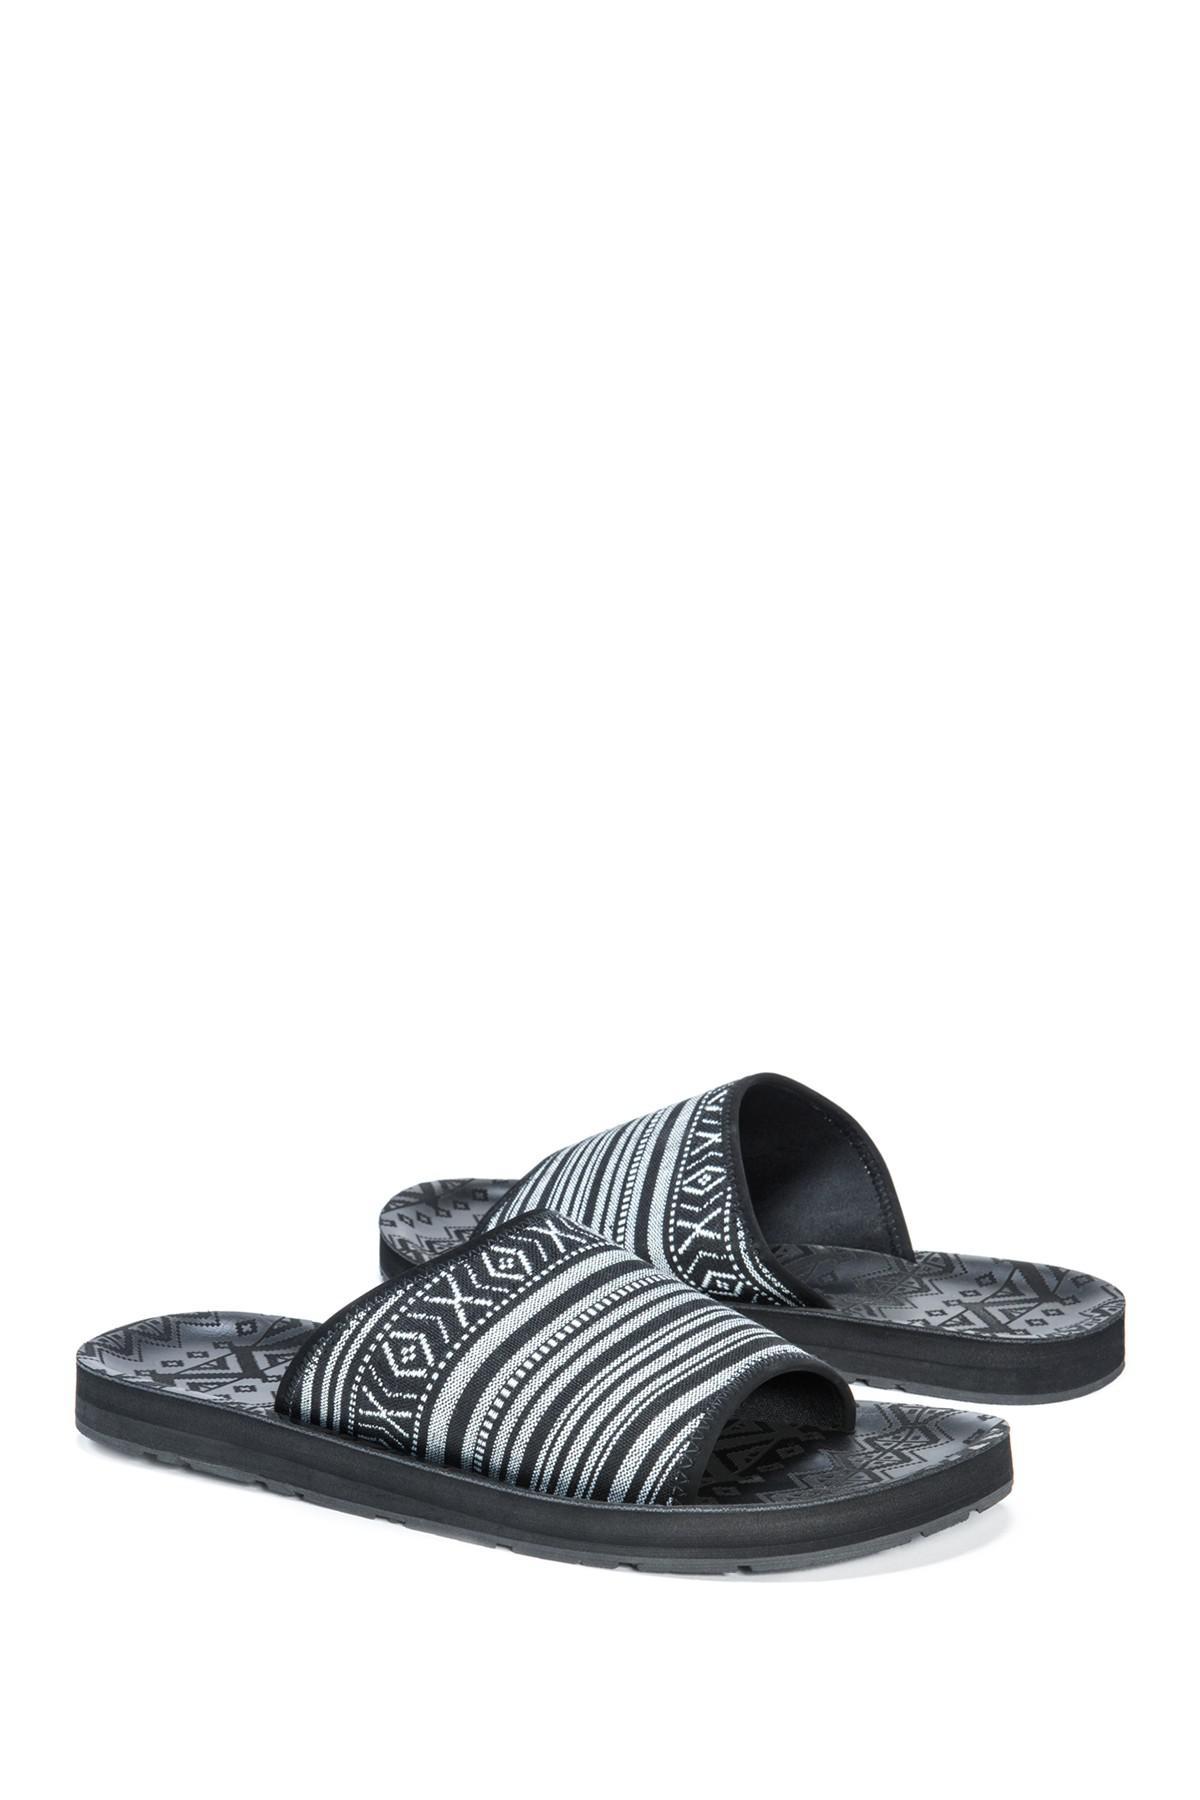 bd8fd7fea4df Muk Luks - Black Hendrix Slide Sandal for Men - Lyst. View fullscreen